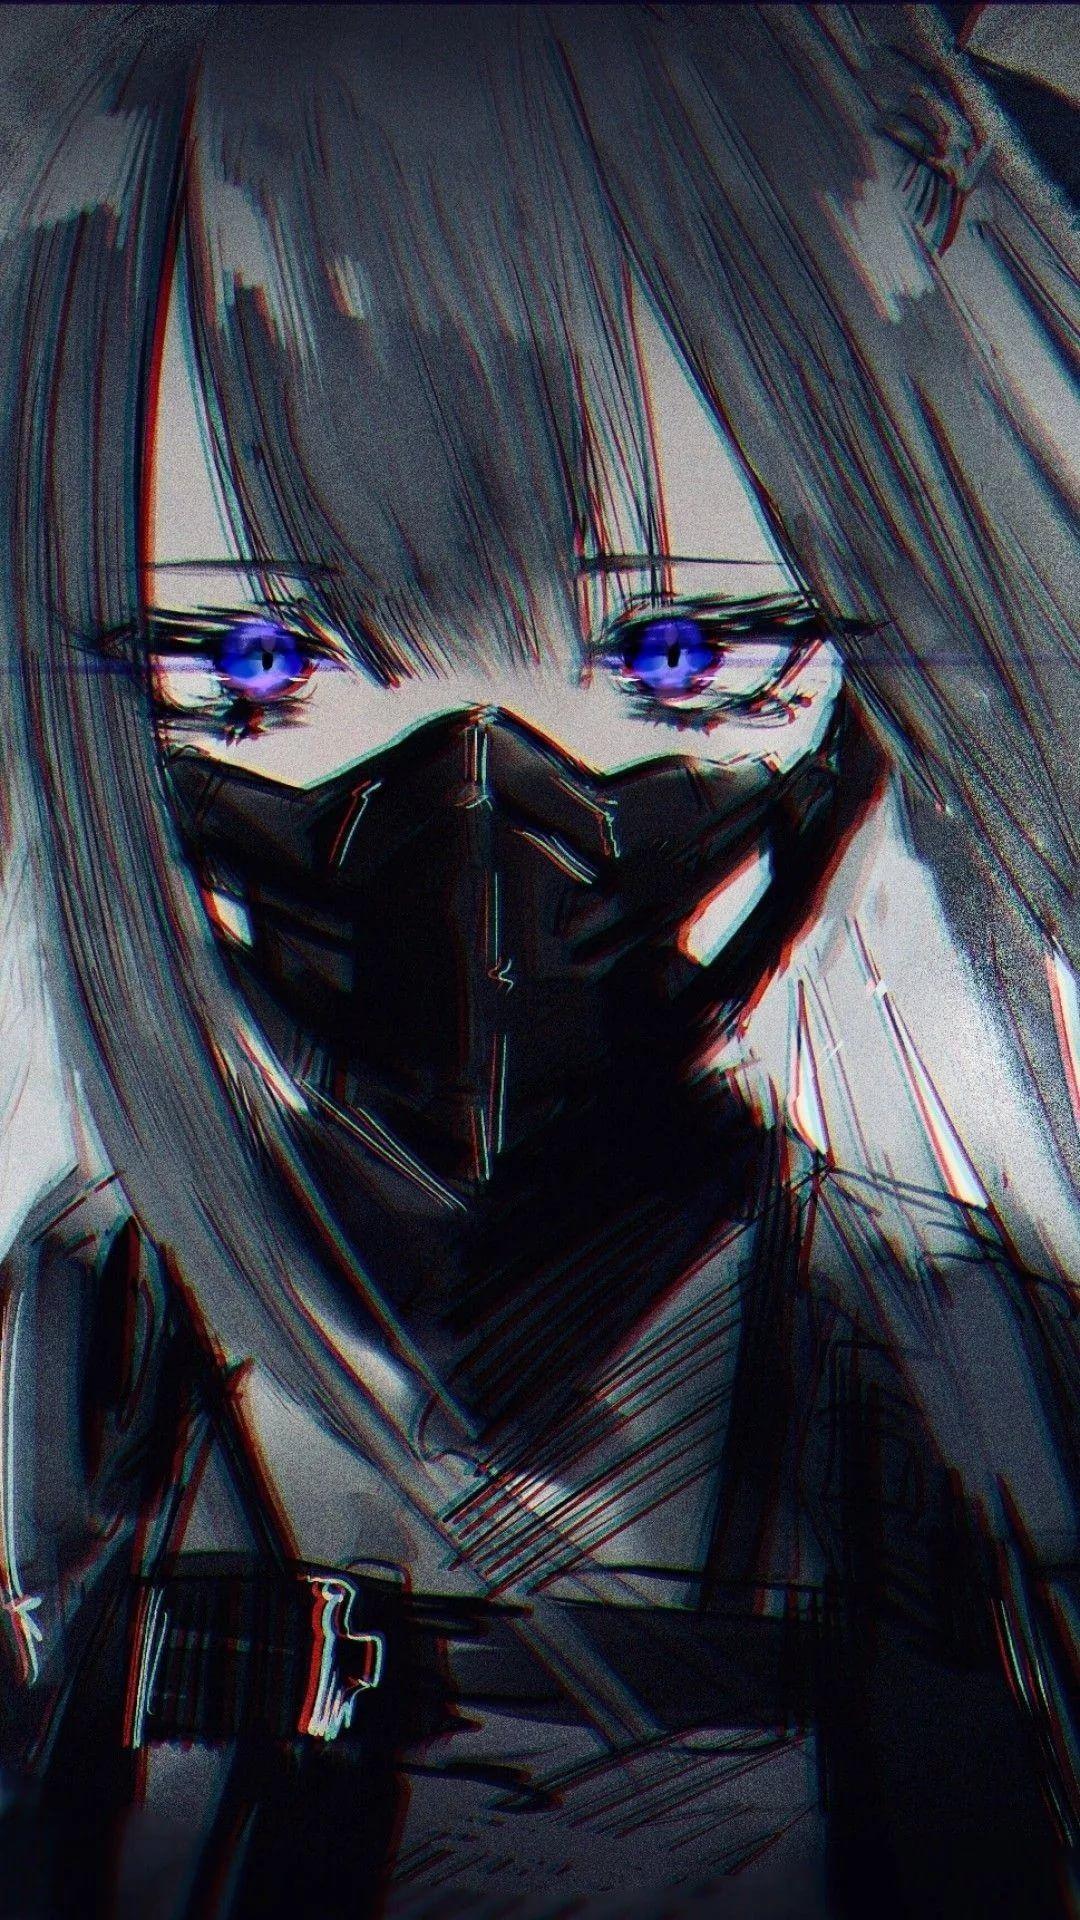 Wallpaper anime dark